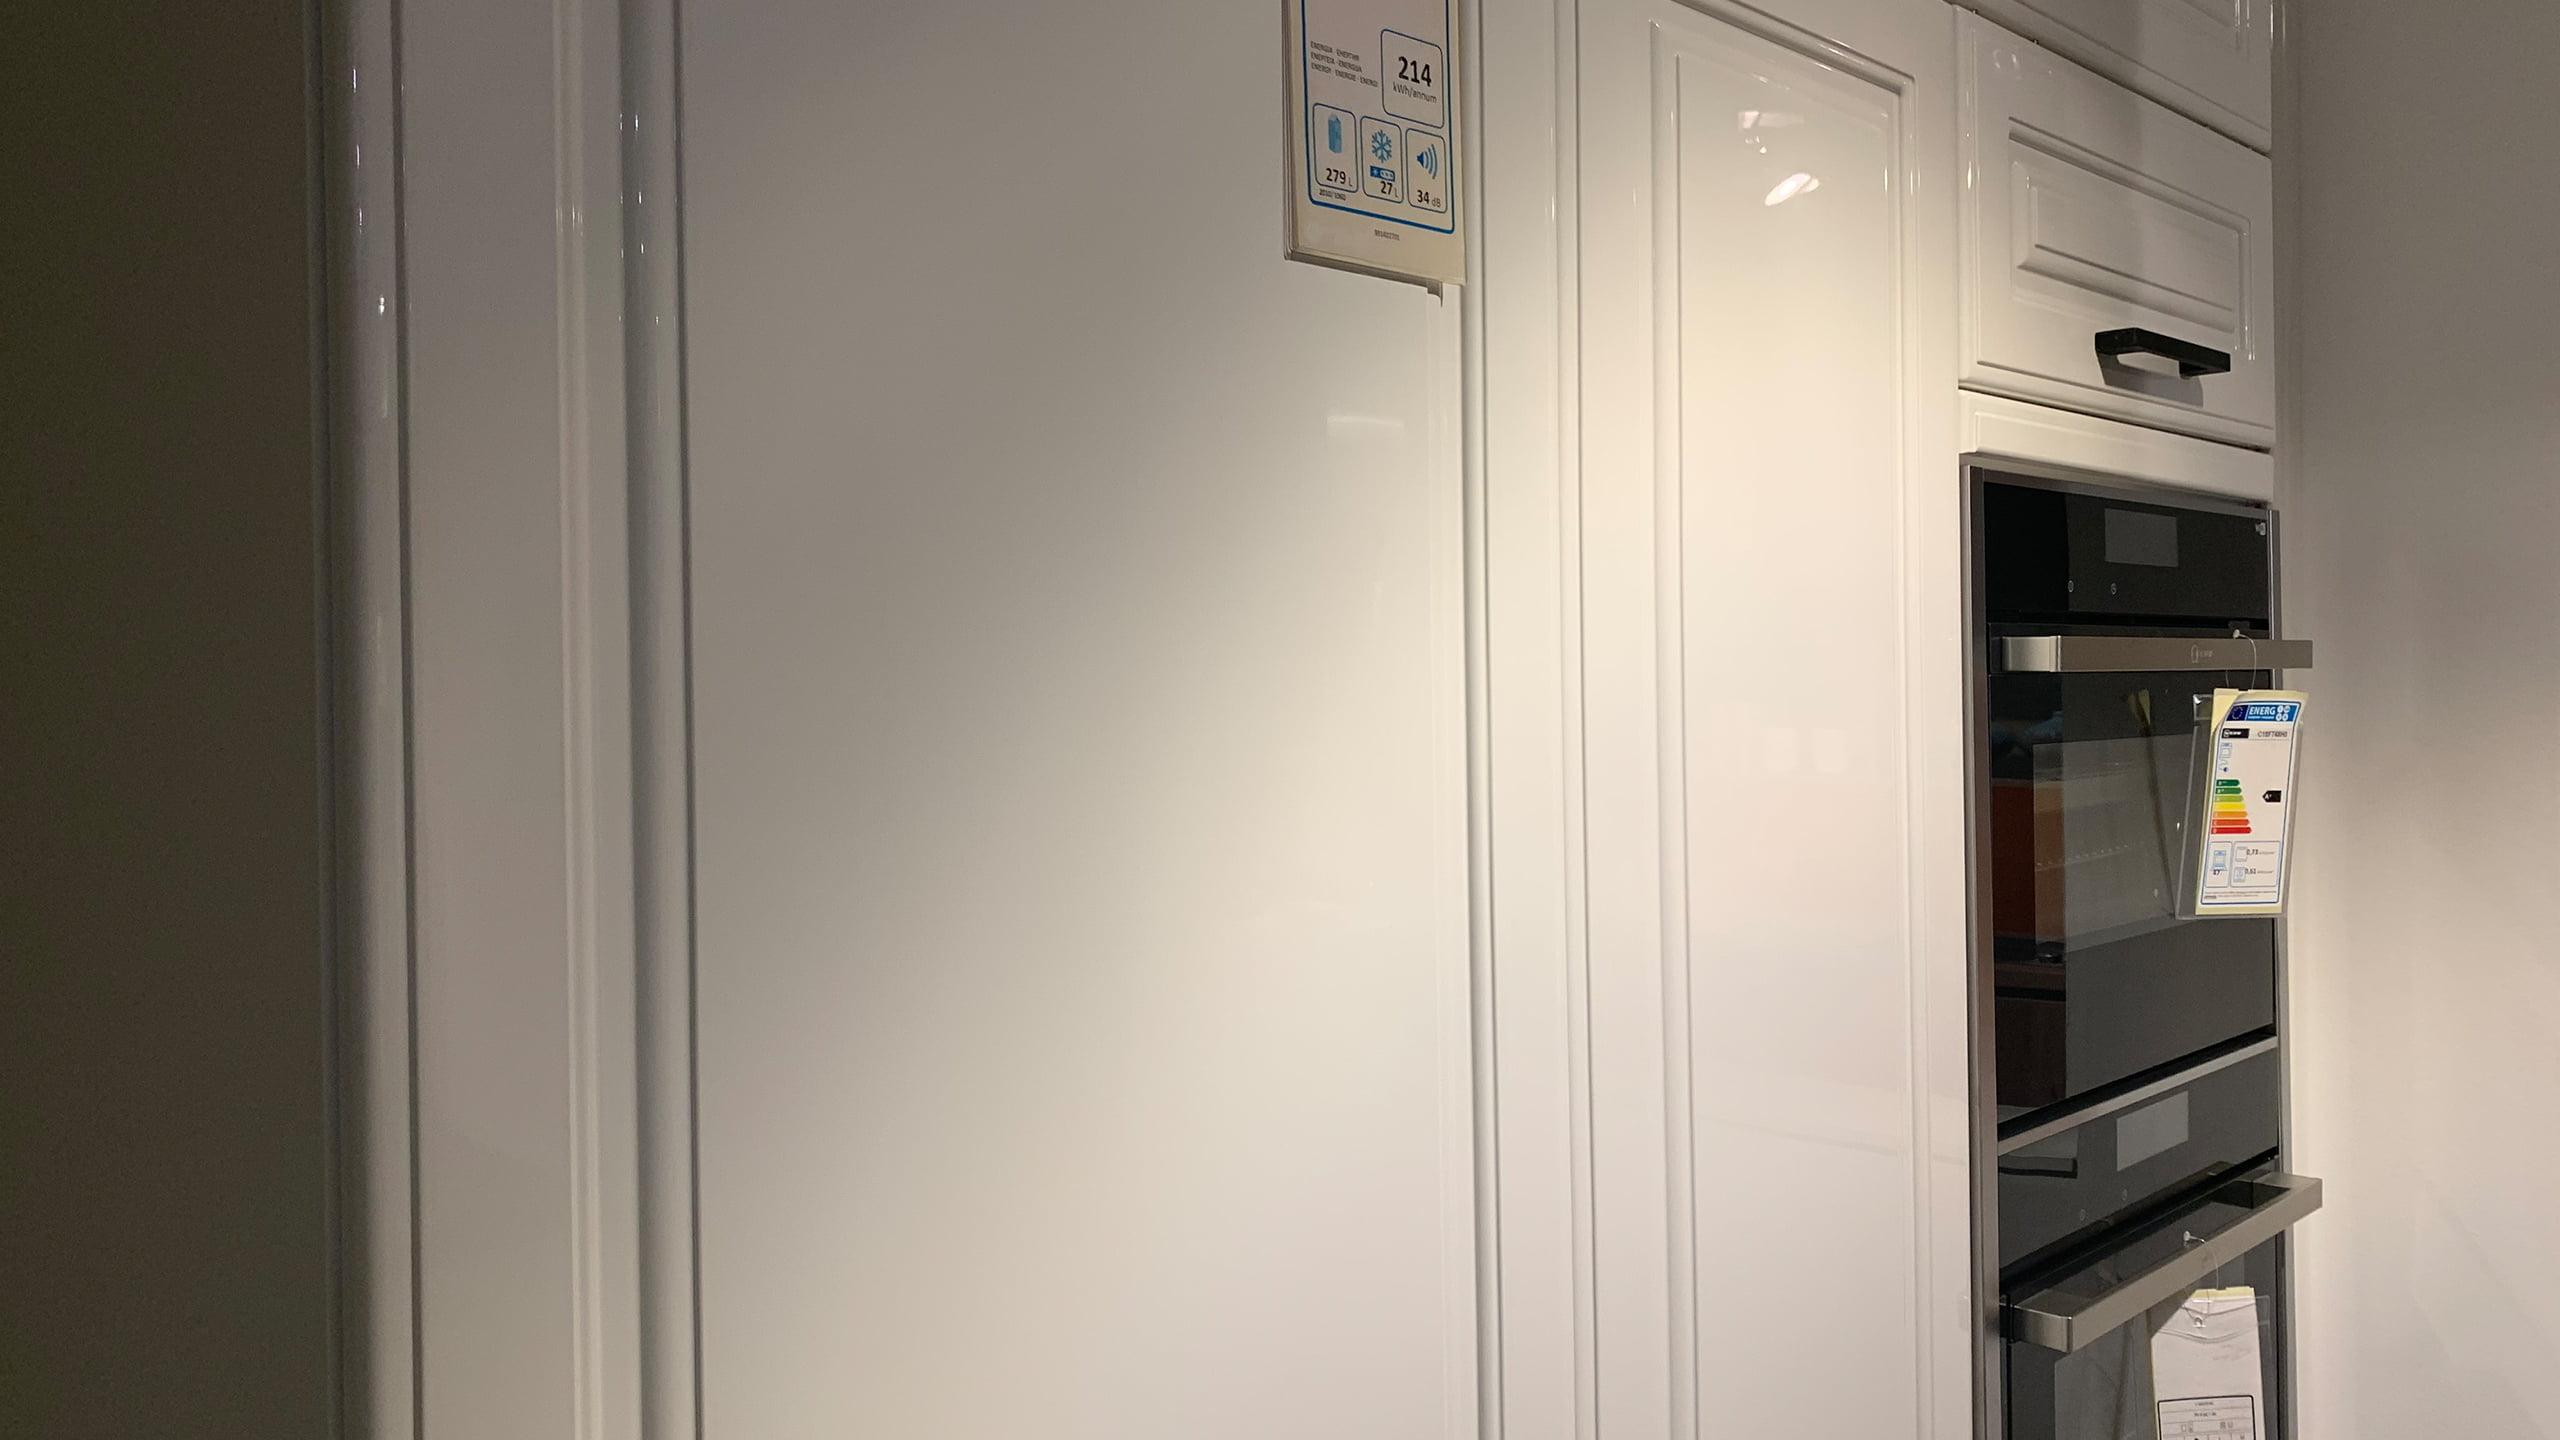 Full Size of L Kche Alnopol 264 In Wei 022 Kchen Staude Modulare Küche U Form Eckbank Umziehen Griffe Led Panel Mini Wasserhahn Für Einbauküche Günstig Gardine Küche Alno Küche